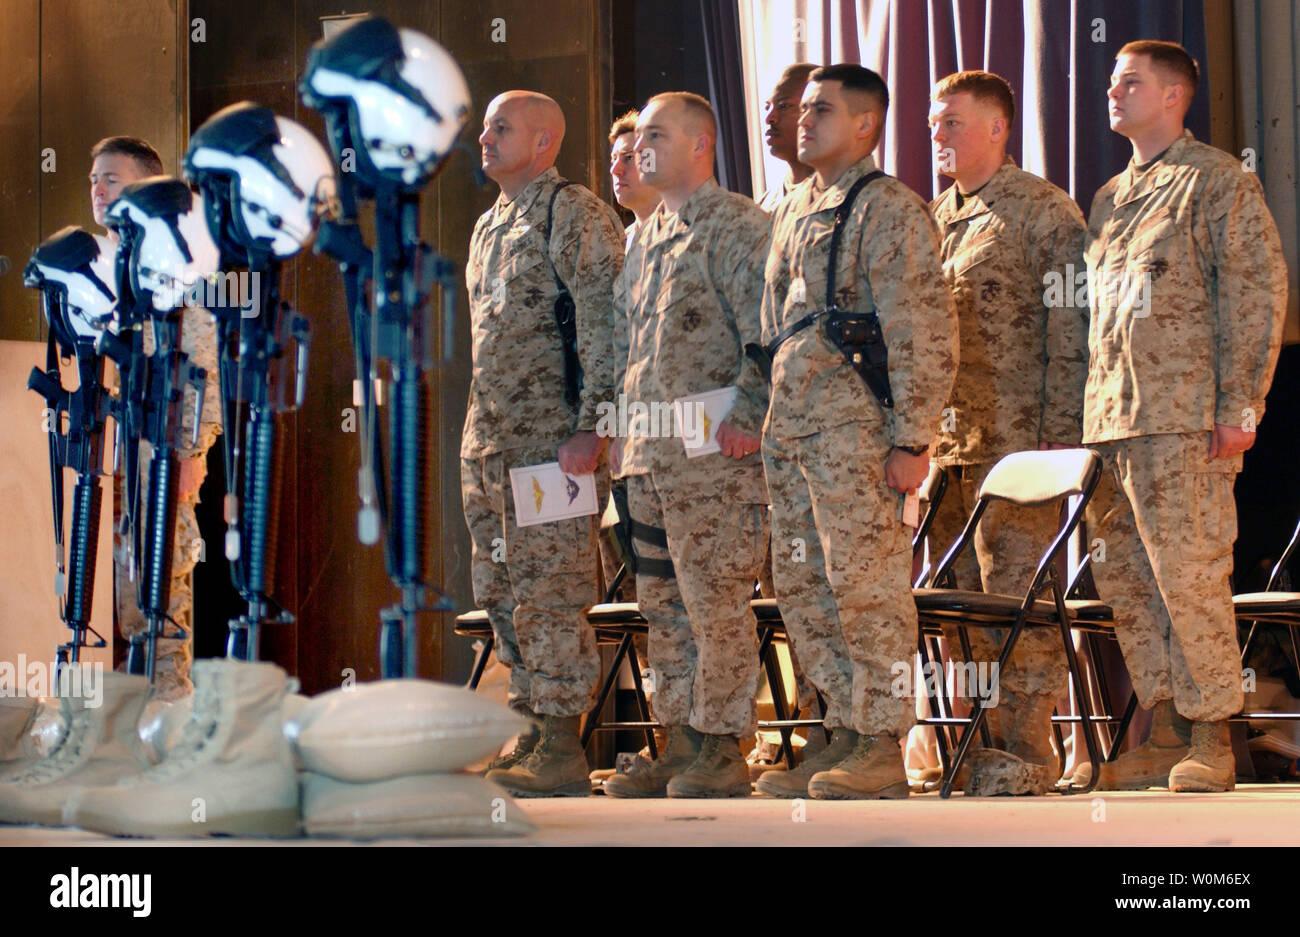 Marines Marines de l'Escadron 361 hélicoptères lourds au garde à vous le 2 février 2005 au début d'un service commémoratif pour les quatre membres d'équipage qui ont perdu la vie dans un accident d'hélicoptère dans la province d'Al Anbar Iraq le 26 janvier 2005. (Photo d'UPI/Tchad/McMeen USMC) Banque D'Images